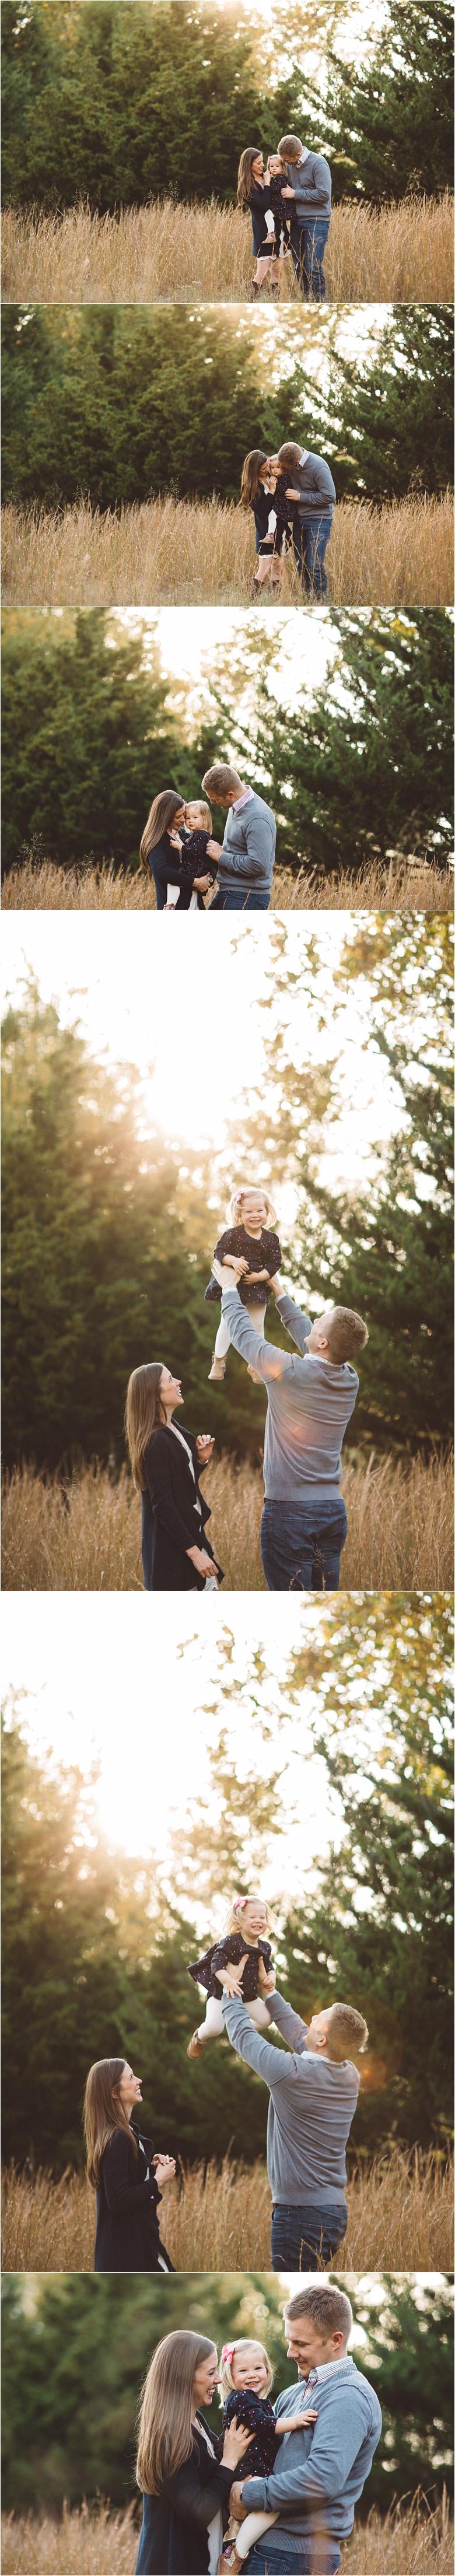 kansascitysbestfamilyphotographer_0006